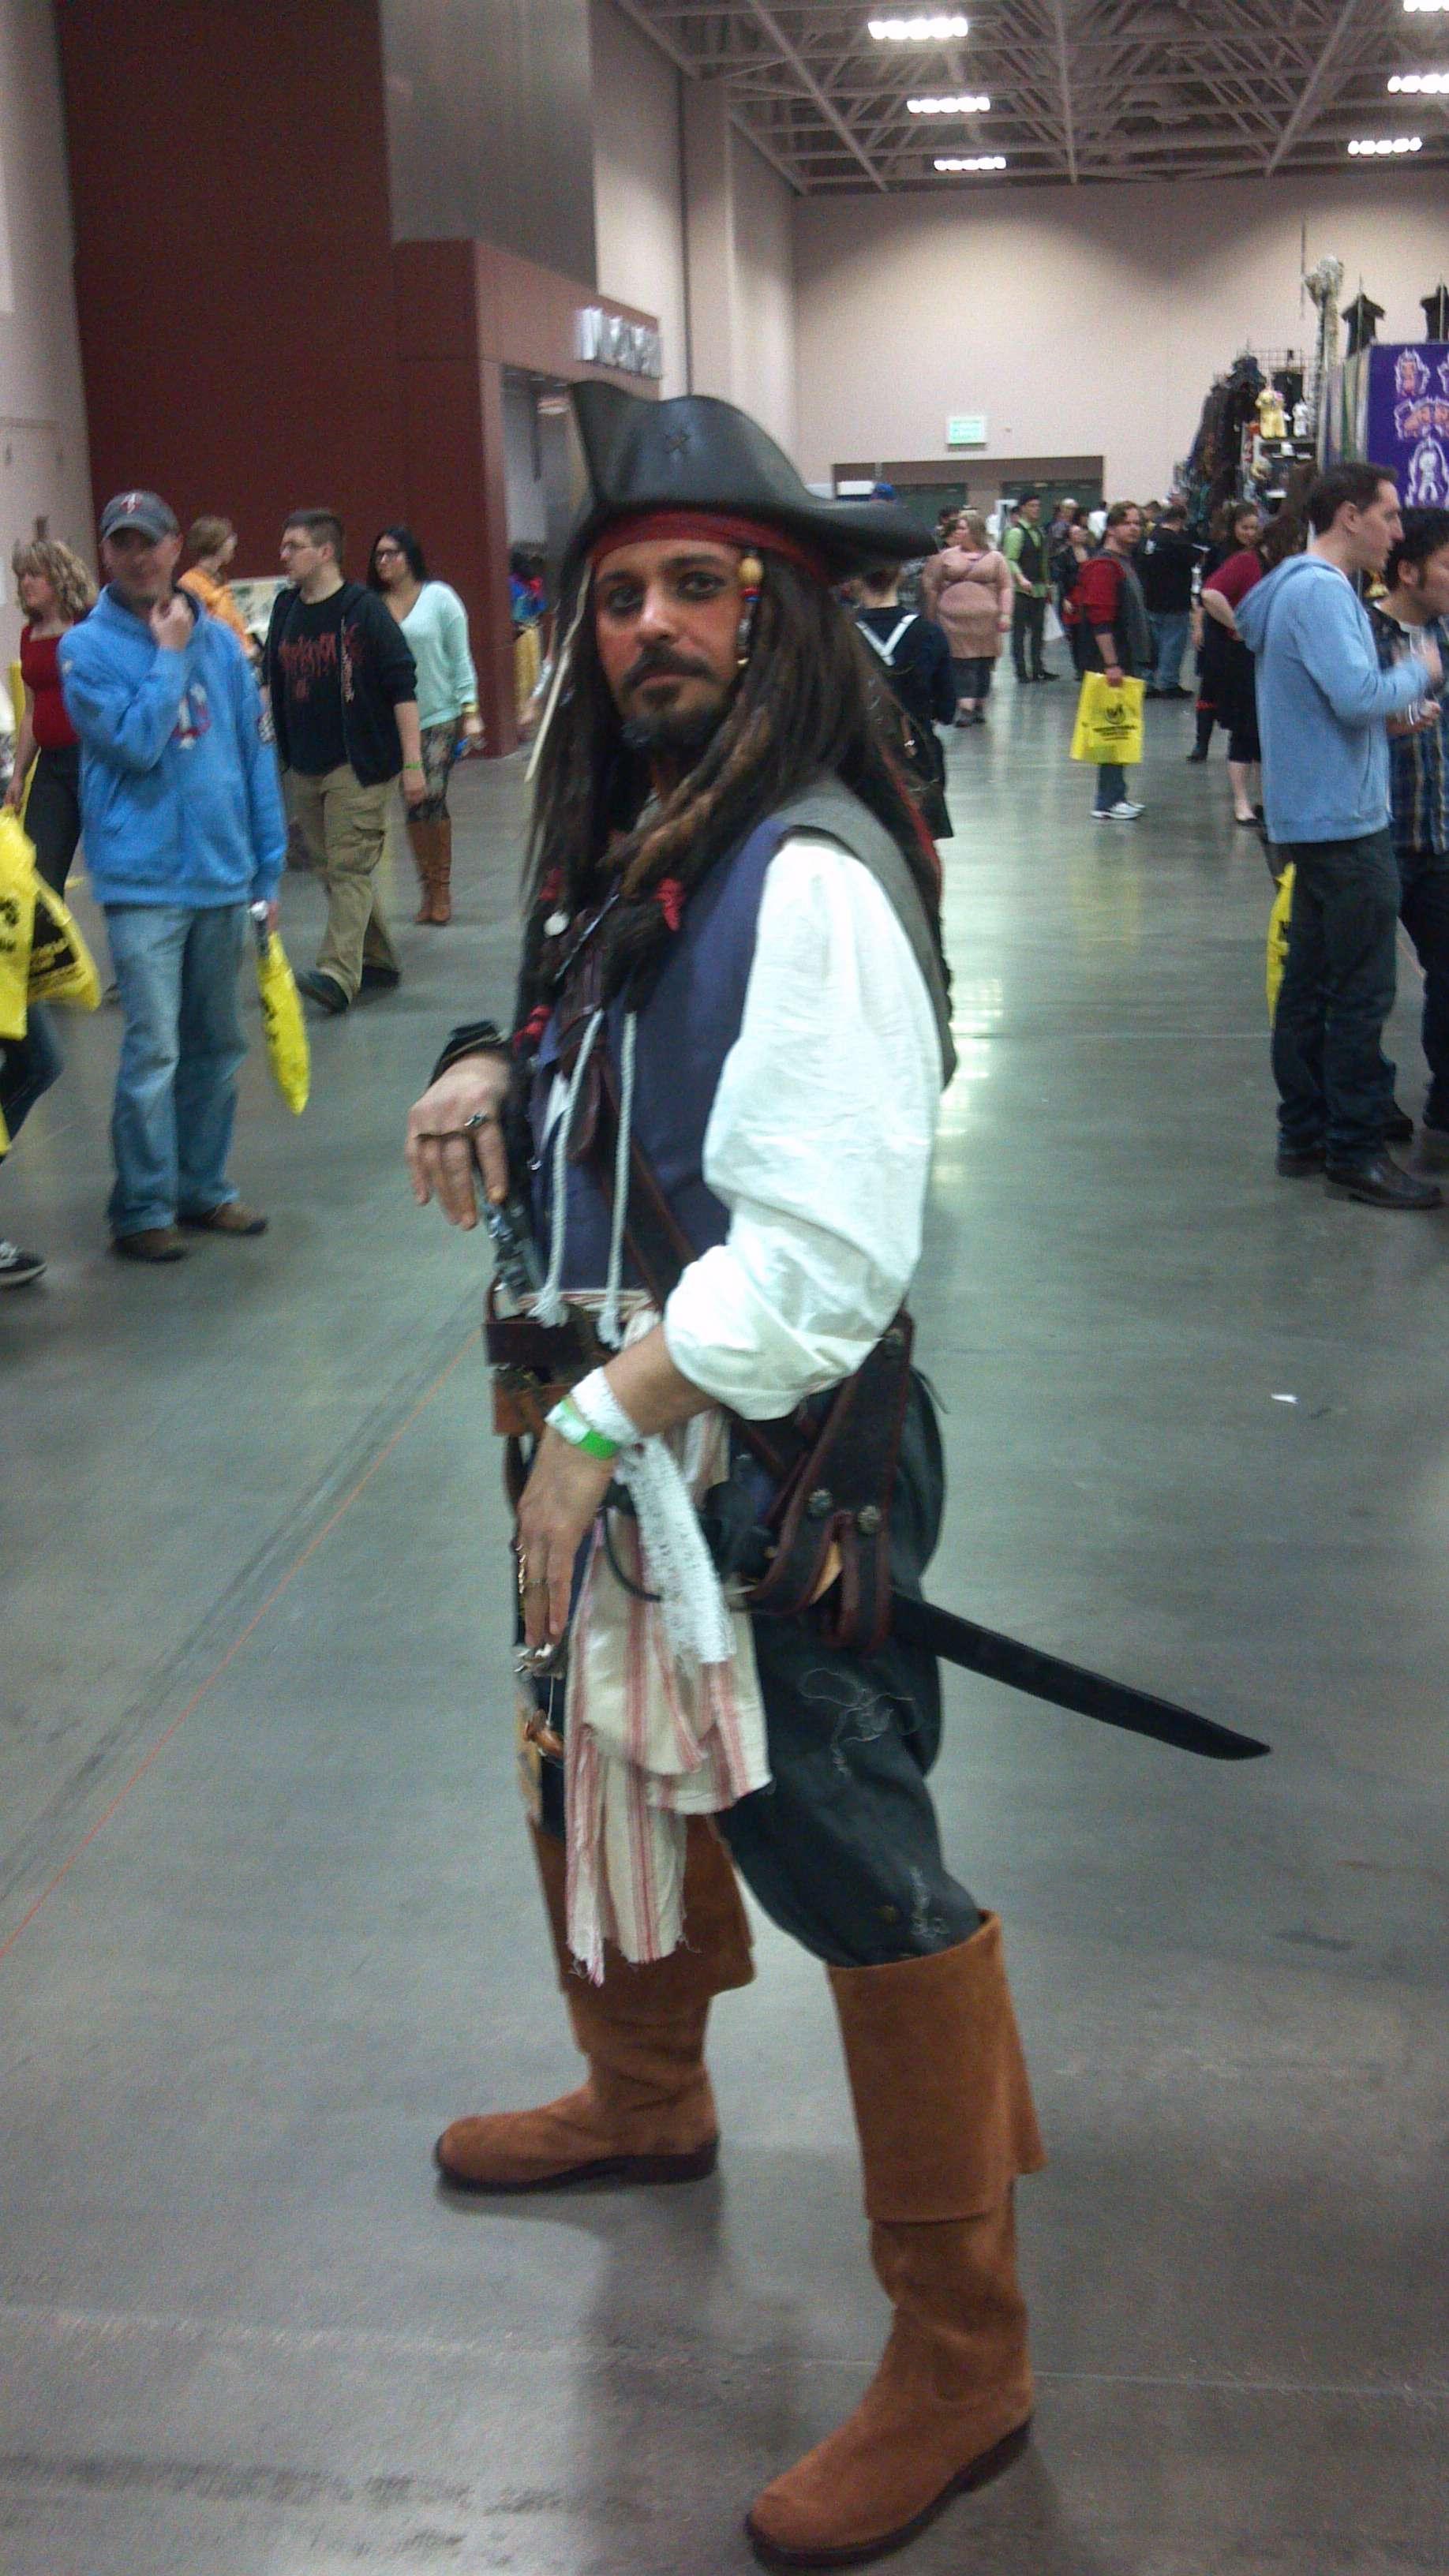 Minneapolis Comic Con - Convention Scene